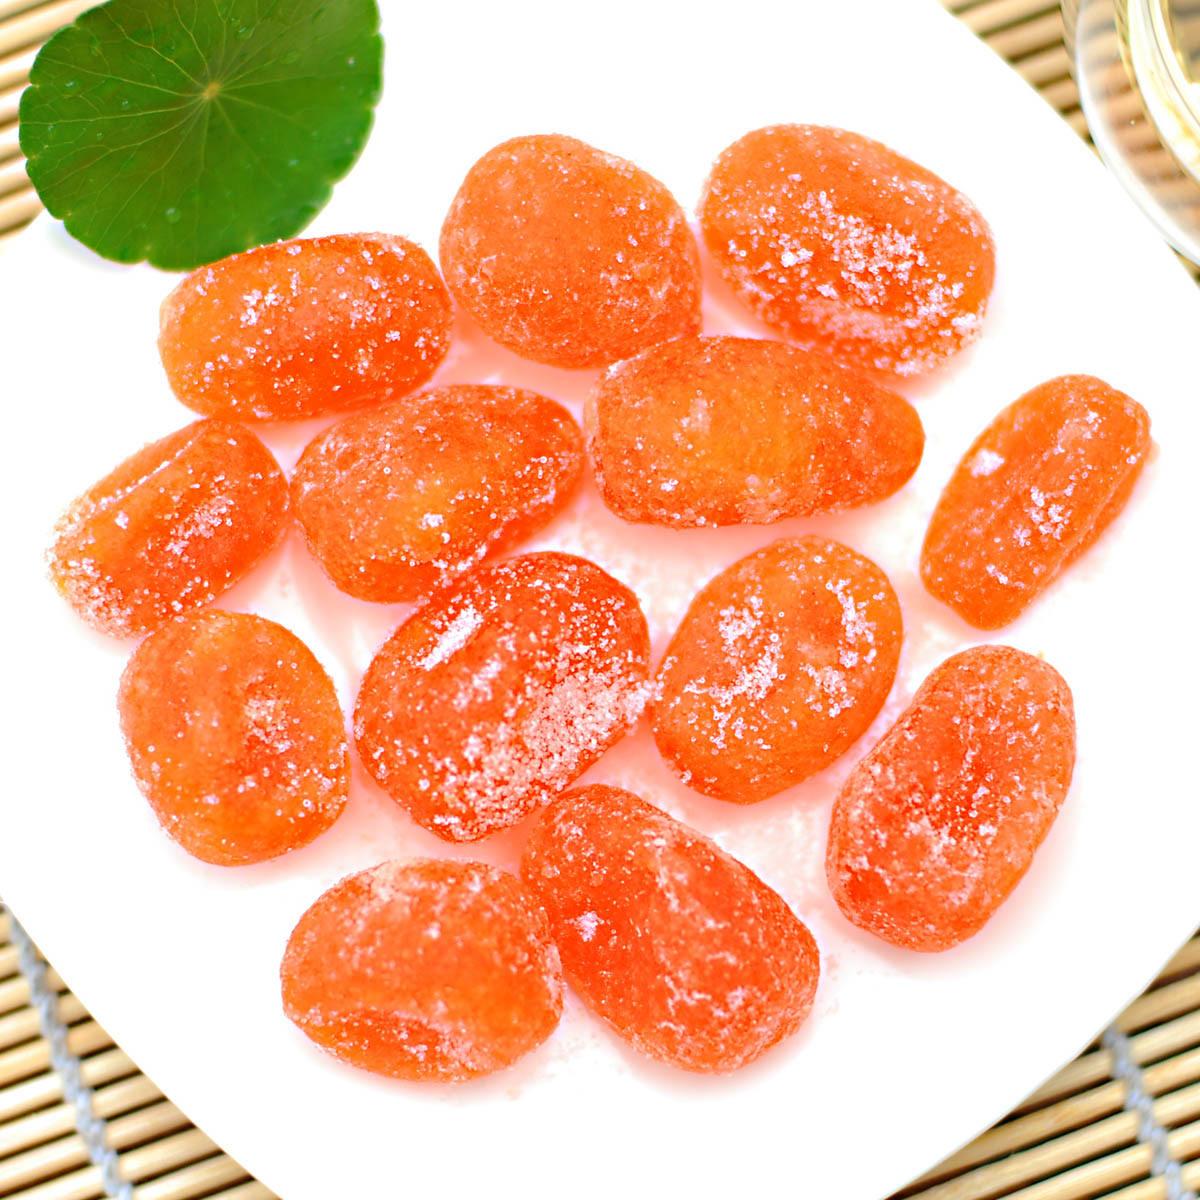 零食小吃果干类水果干零食蜜饯果脯果干蜜饯柑桔